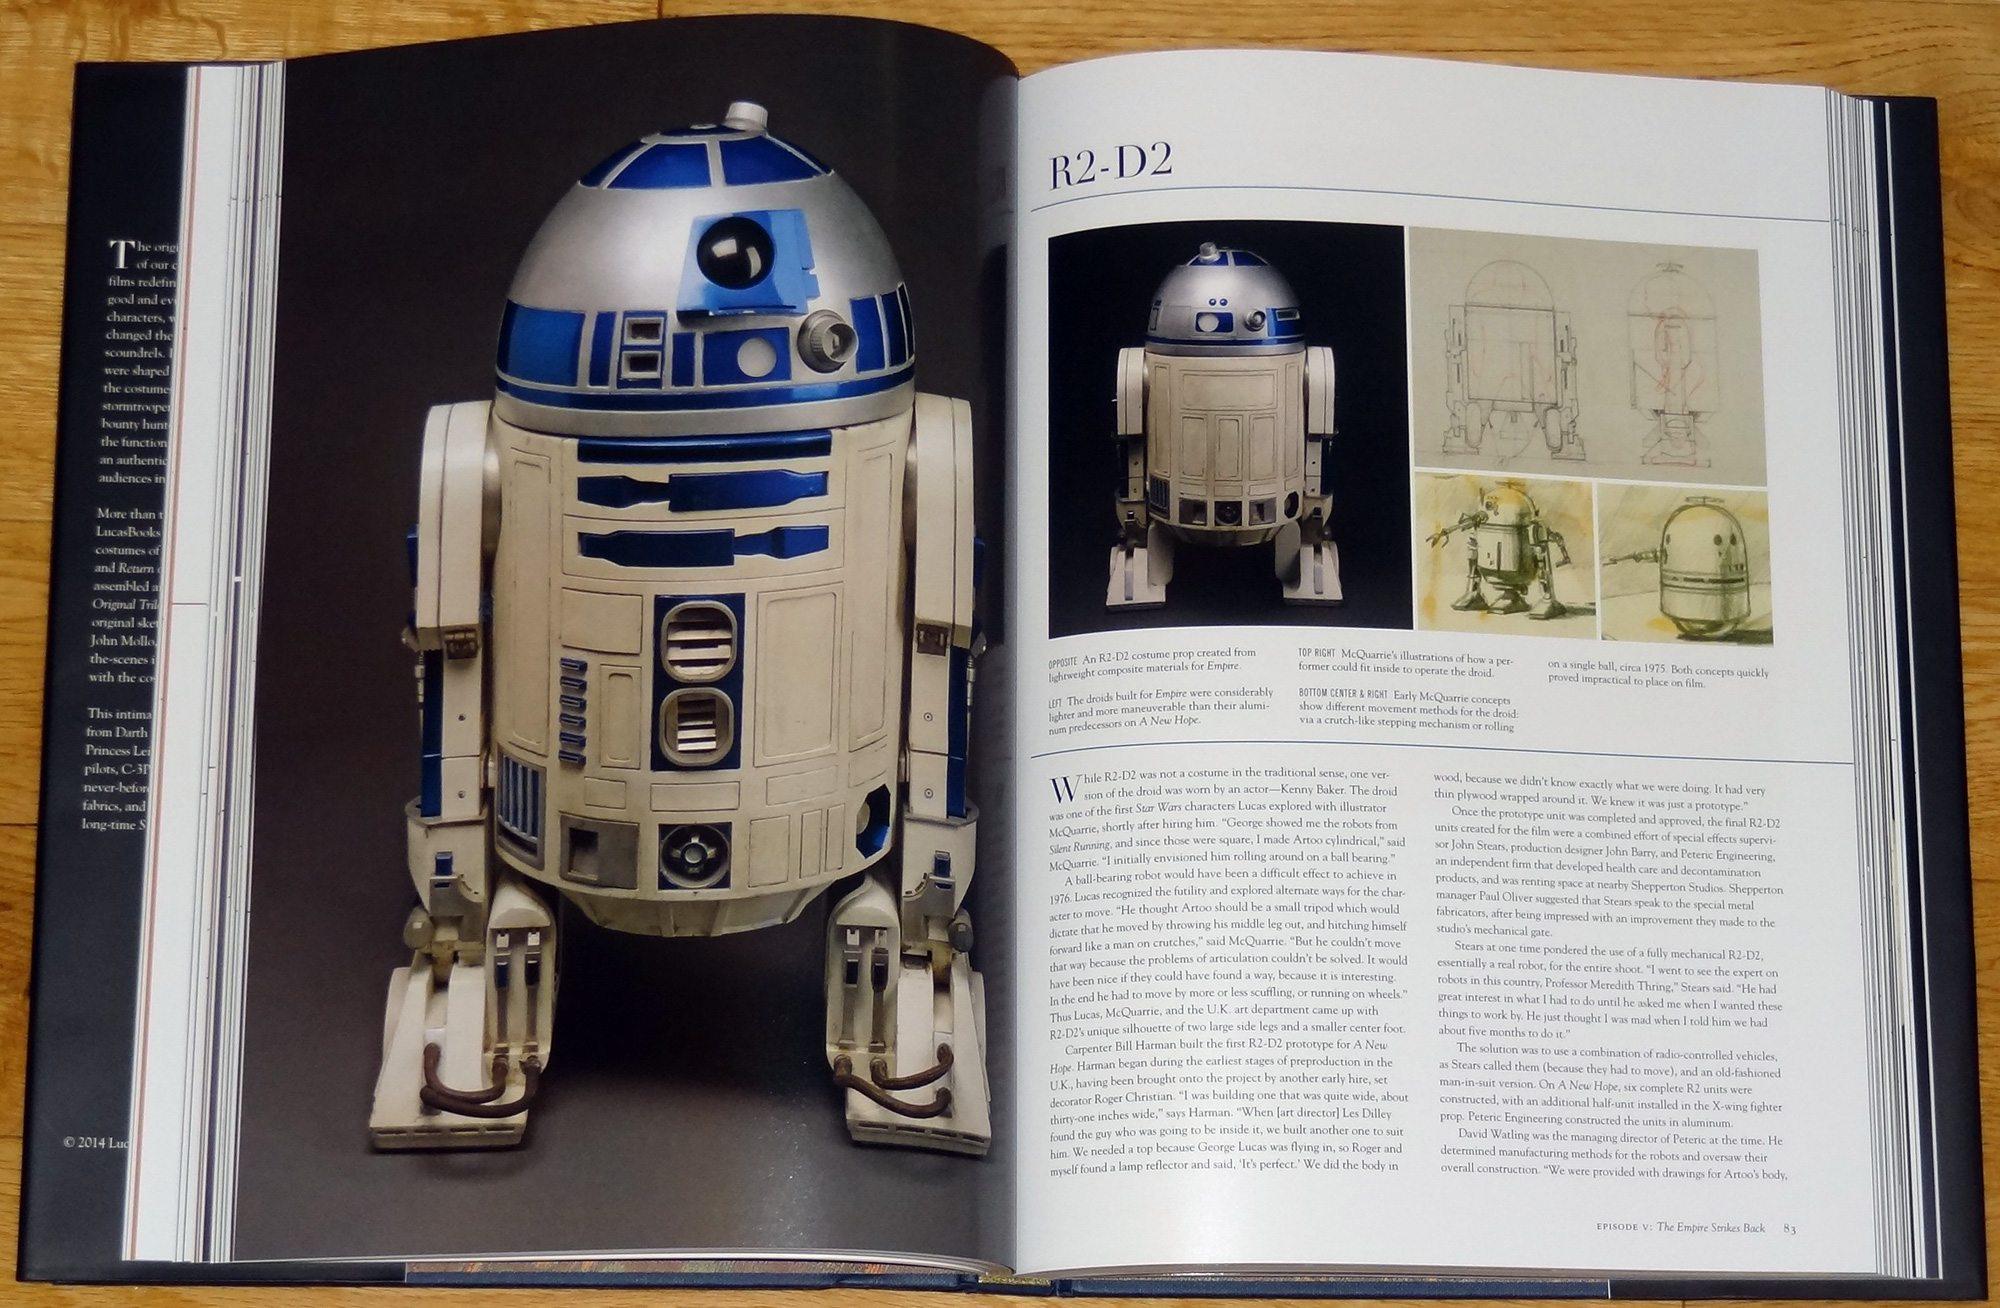 Star Wars Costumes R2D2